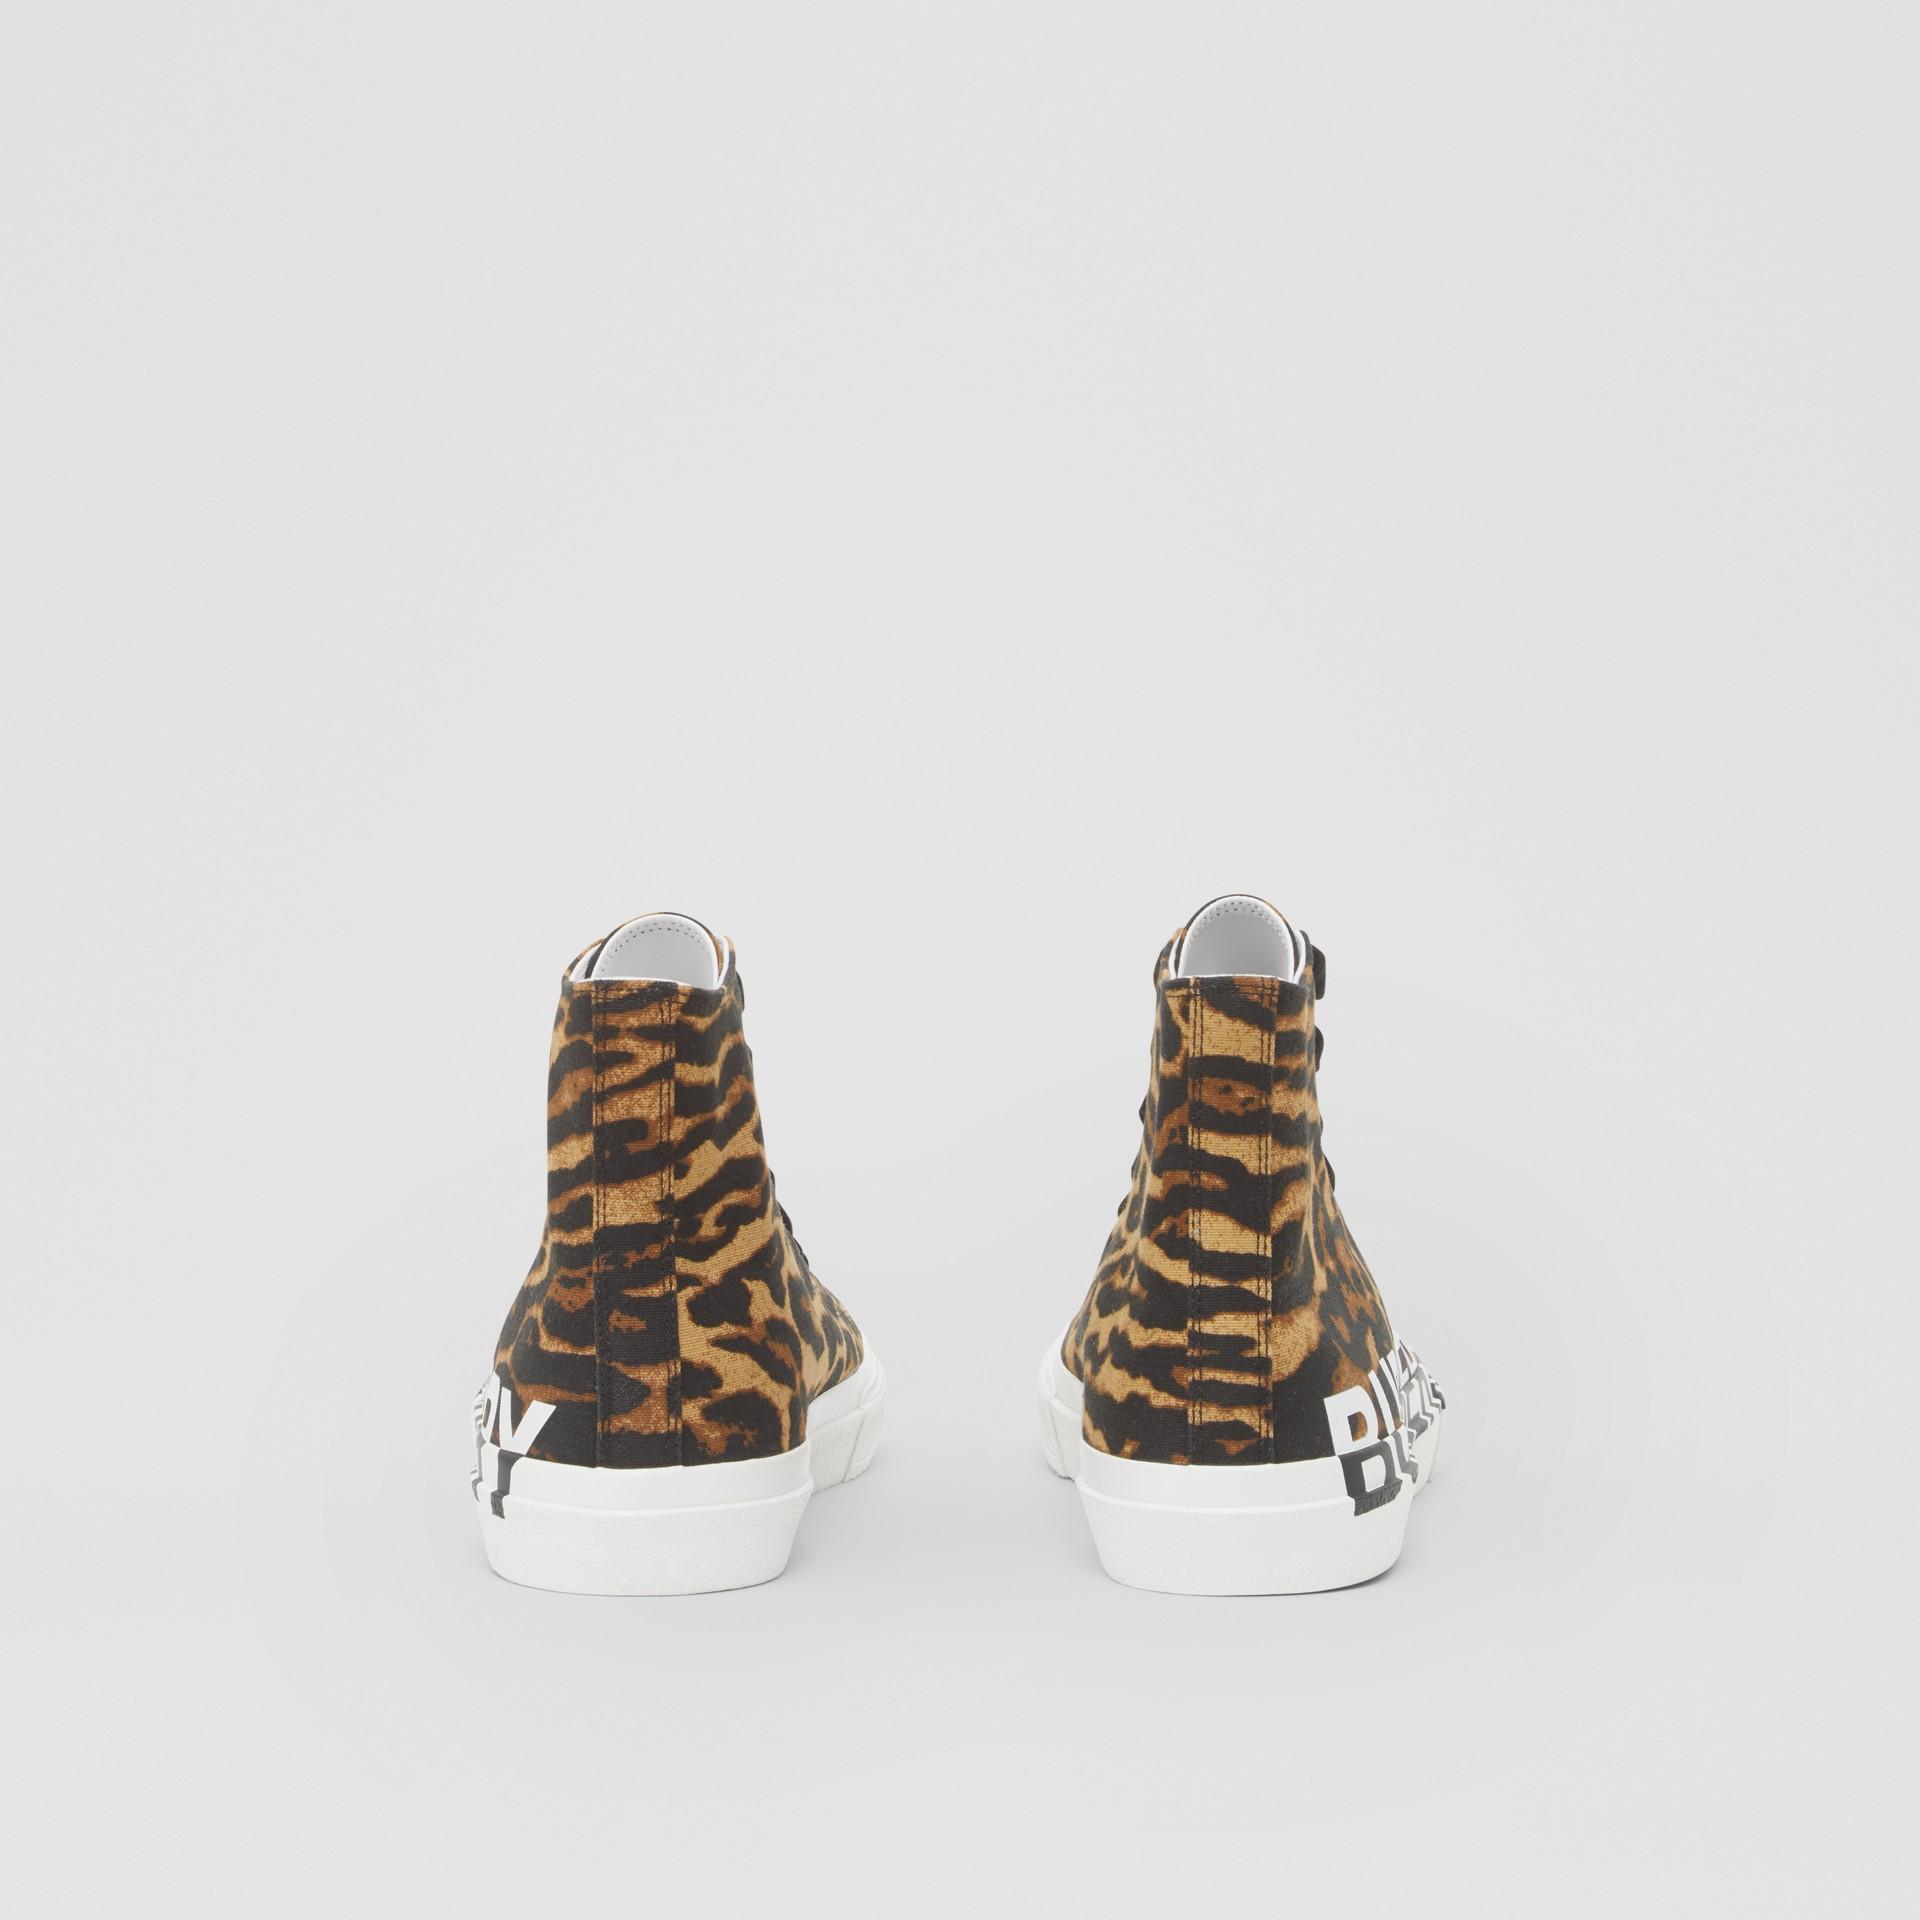 ロゴ&レオパードプリント ハイカットスニーカー (ブラウン) - メンズ | バーバリー - ギャラリーイメージ 4